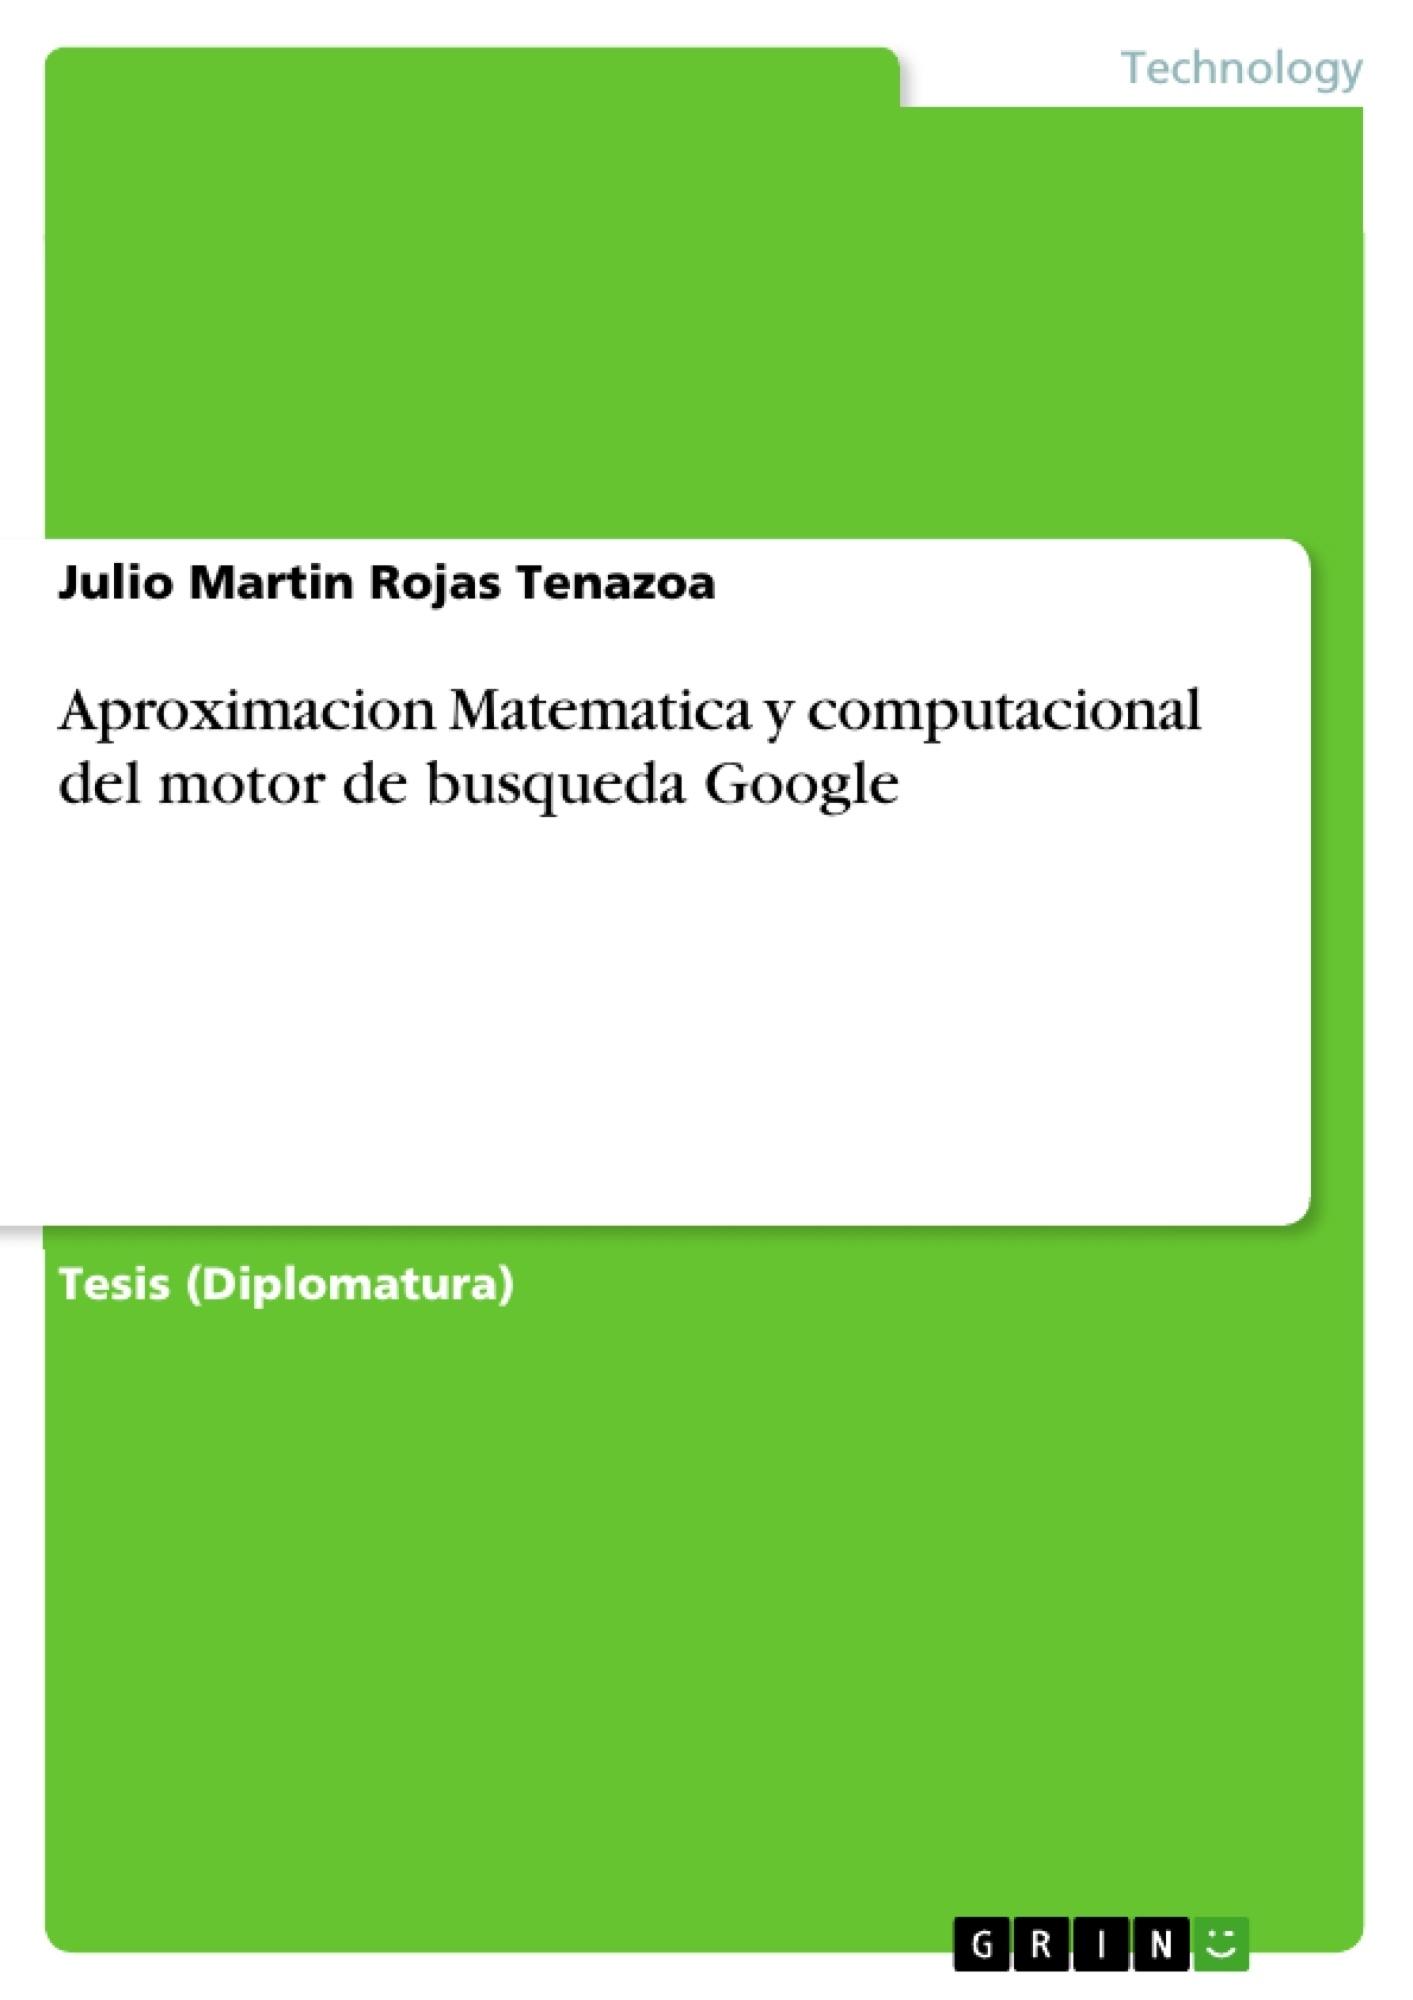 Título: Aproximacion Matematica y computacional del motor de busqueda Google